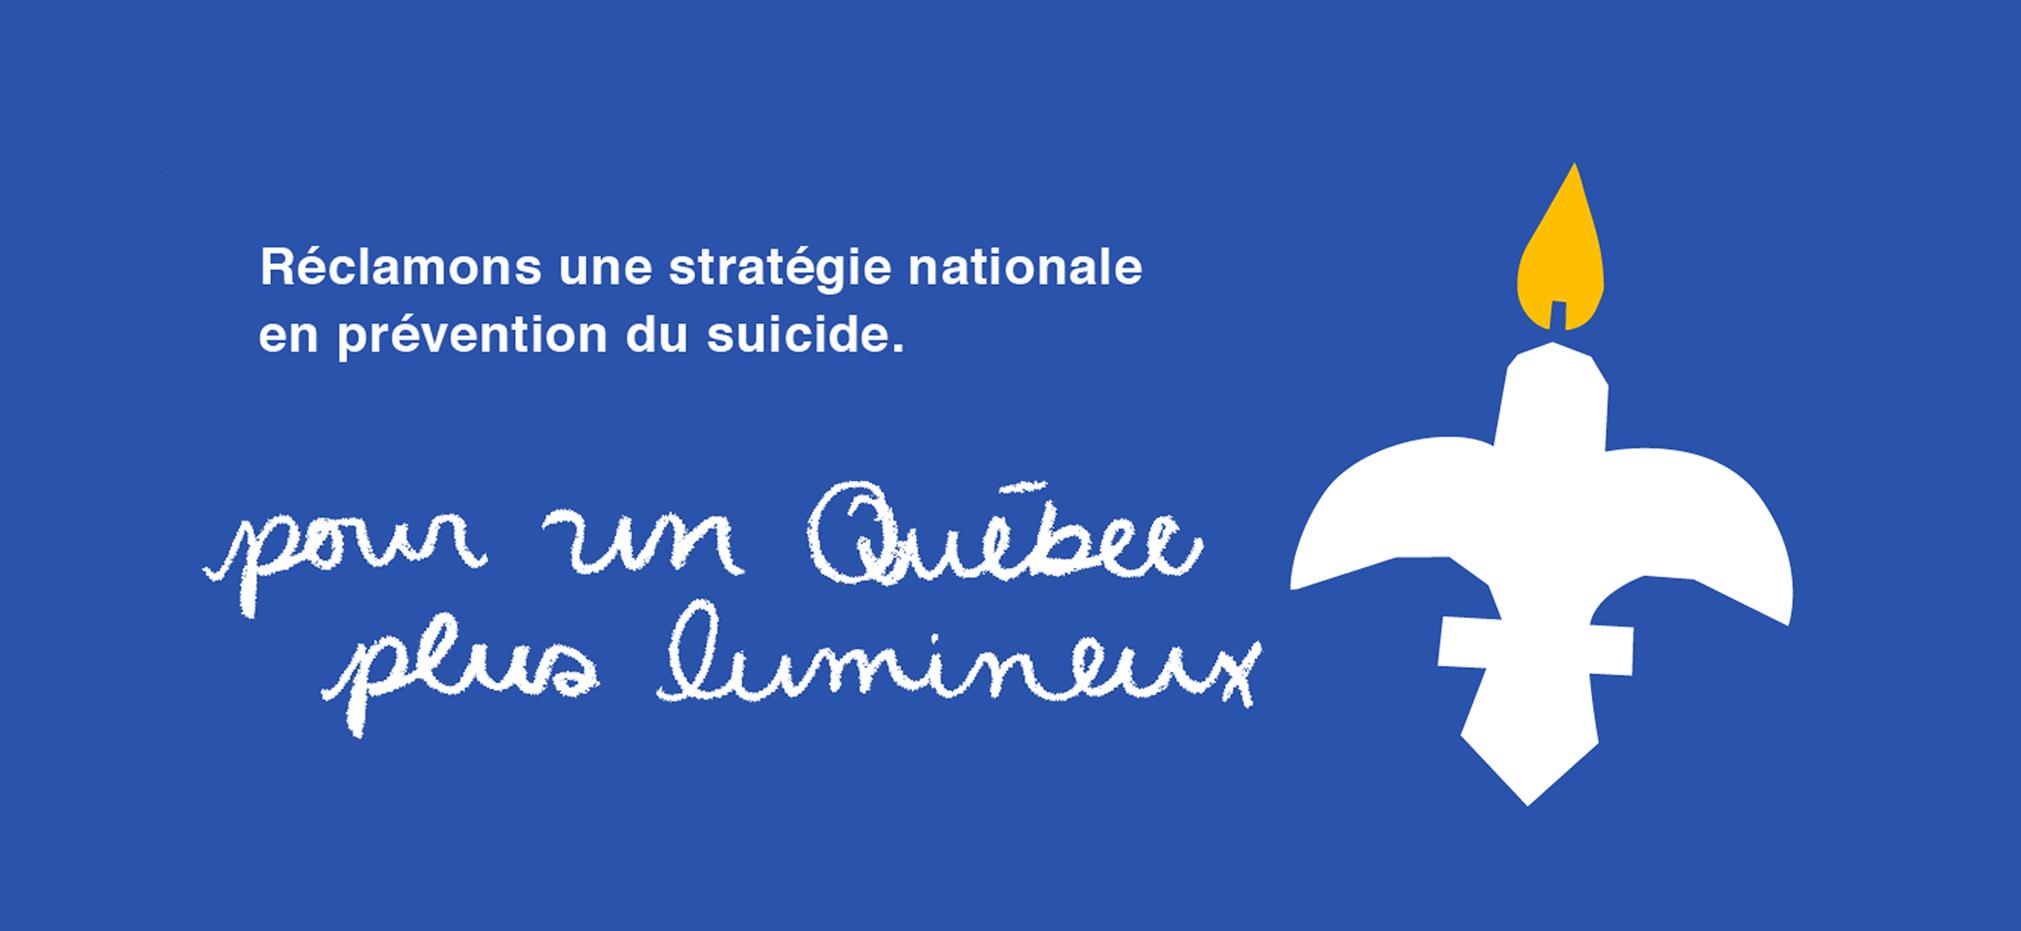 Collectif pour la prévention du suicide